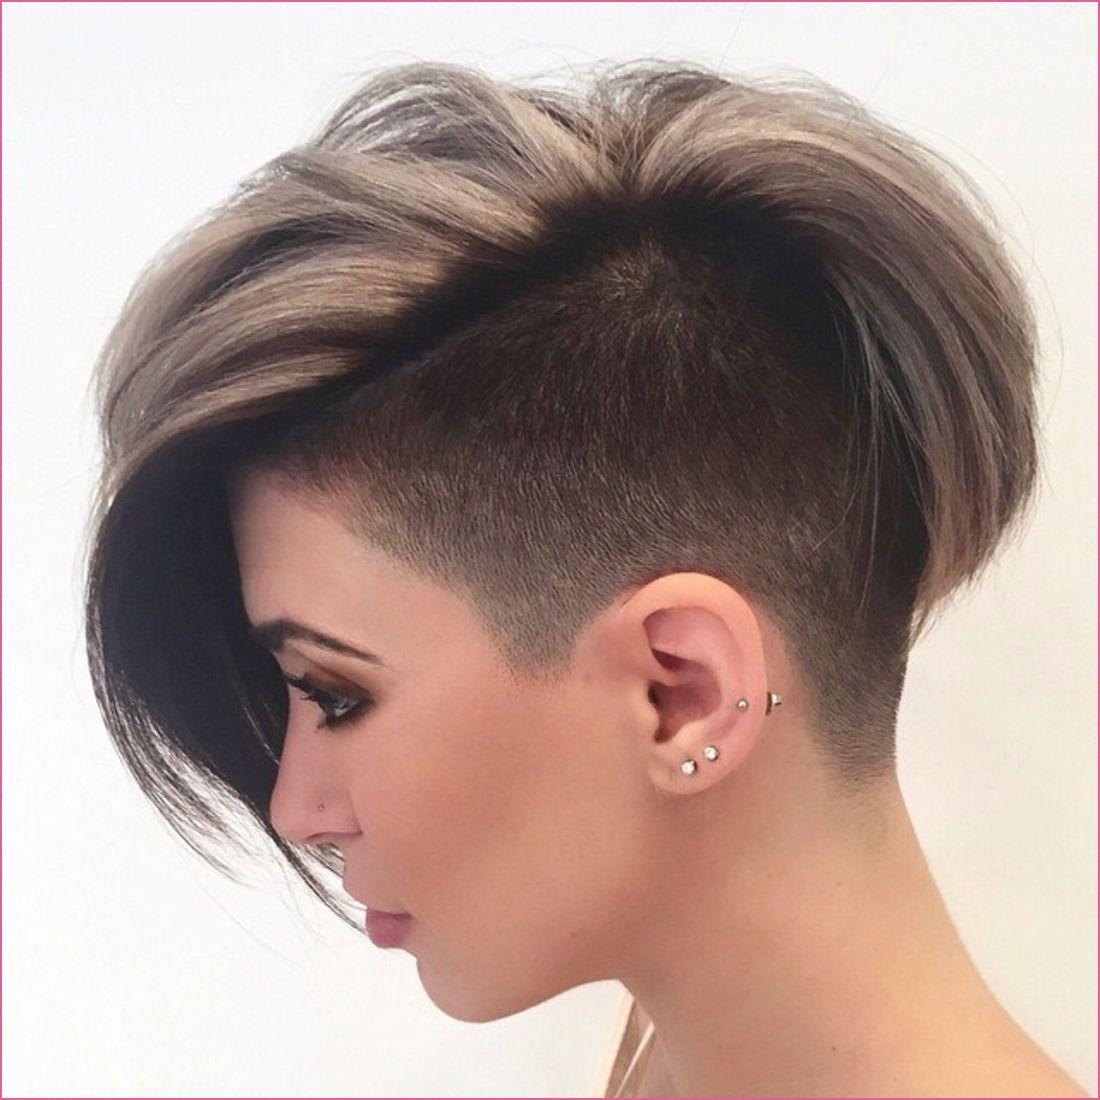 frisuren damen undercut | kurzhaarfrisuren, haarschnitt